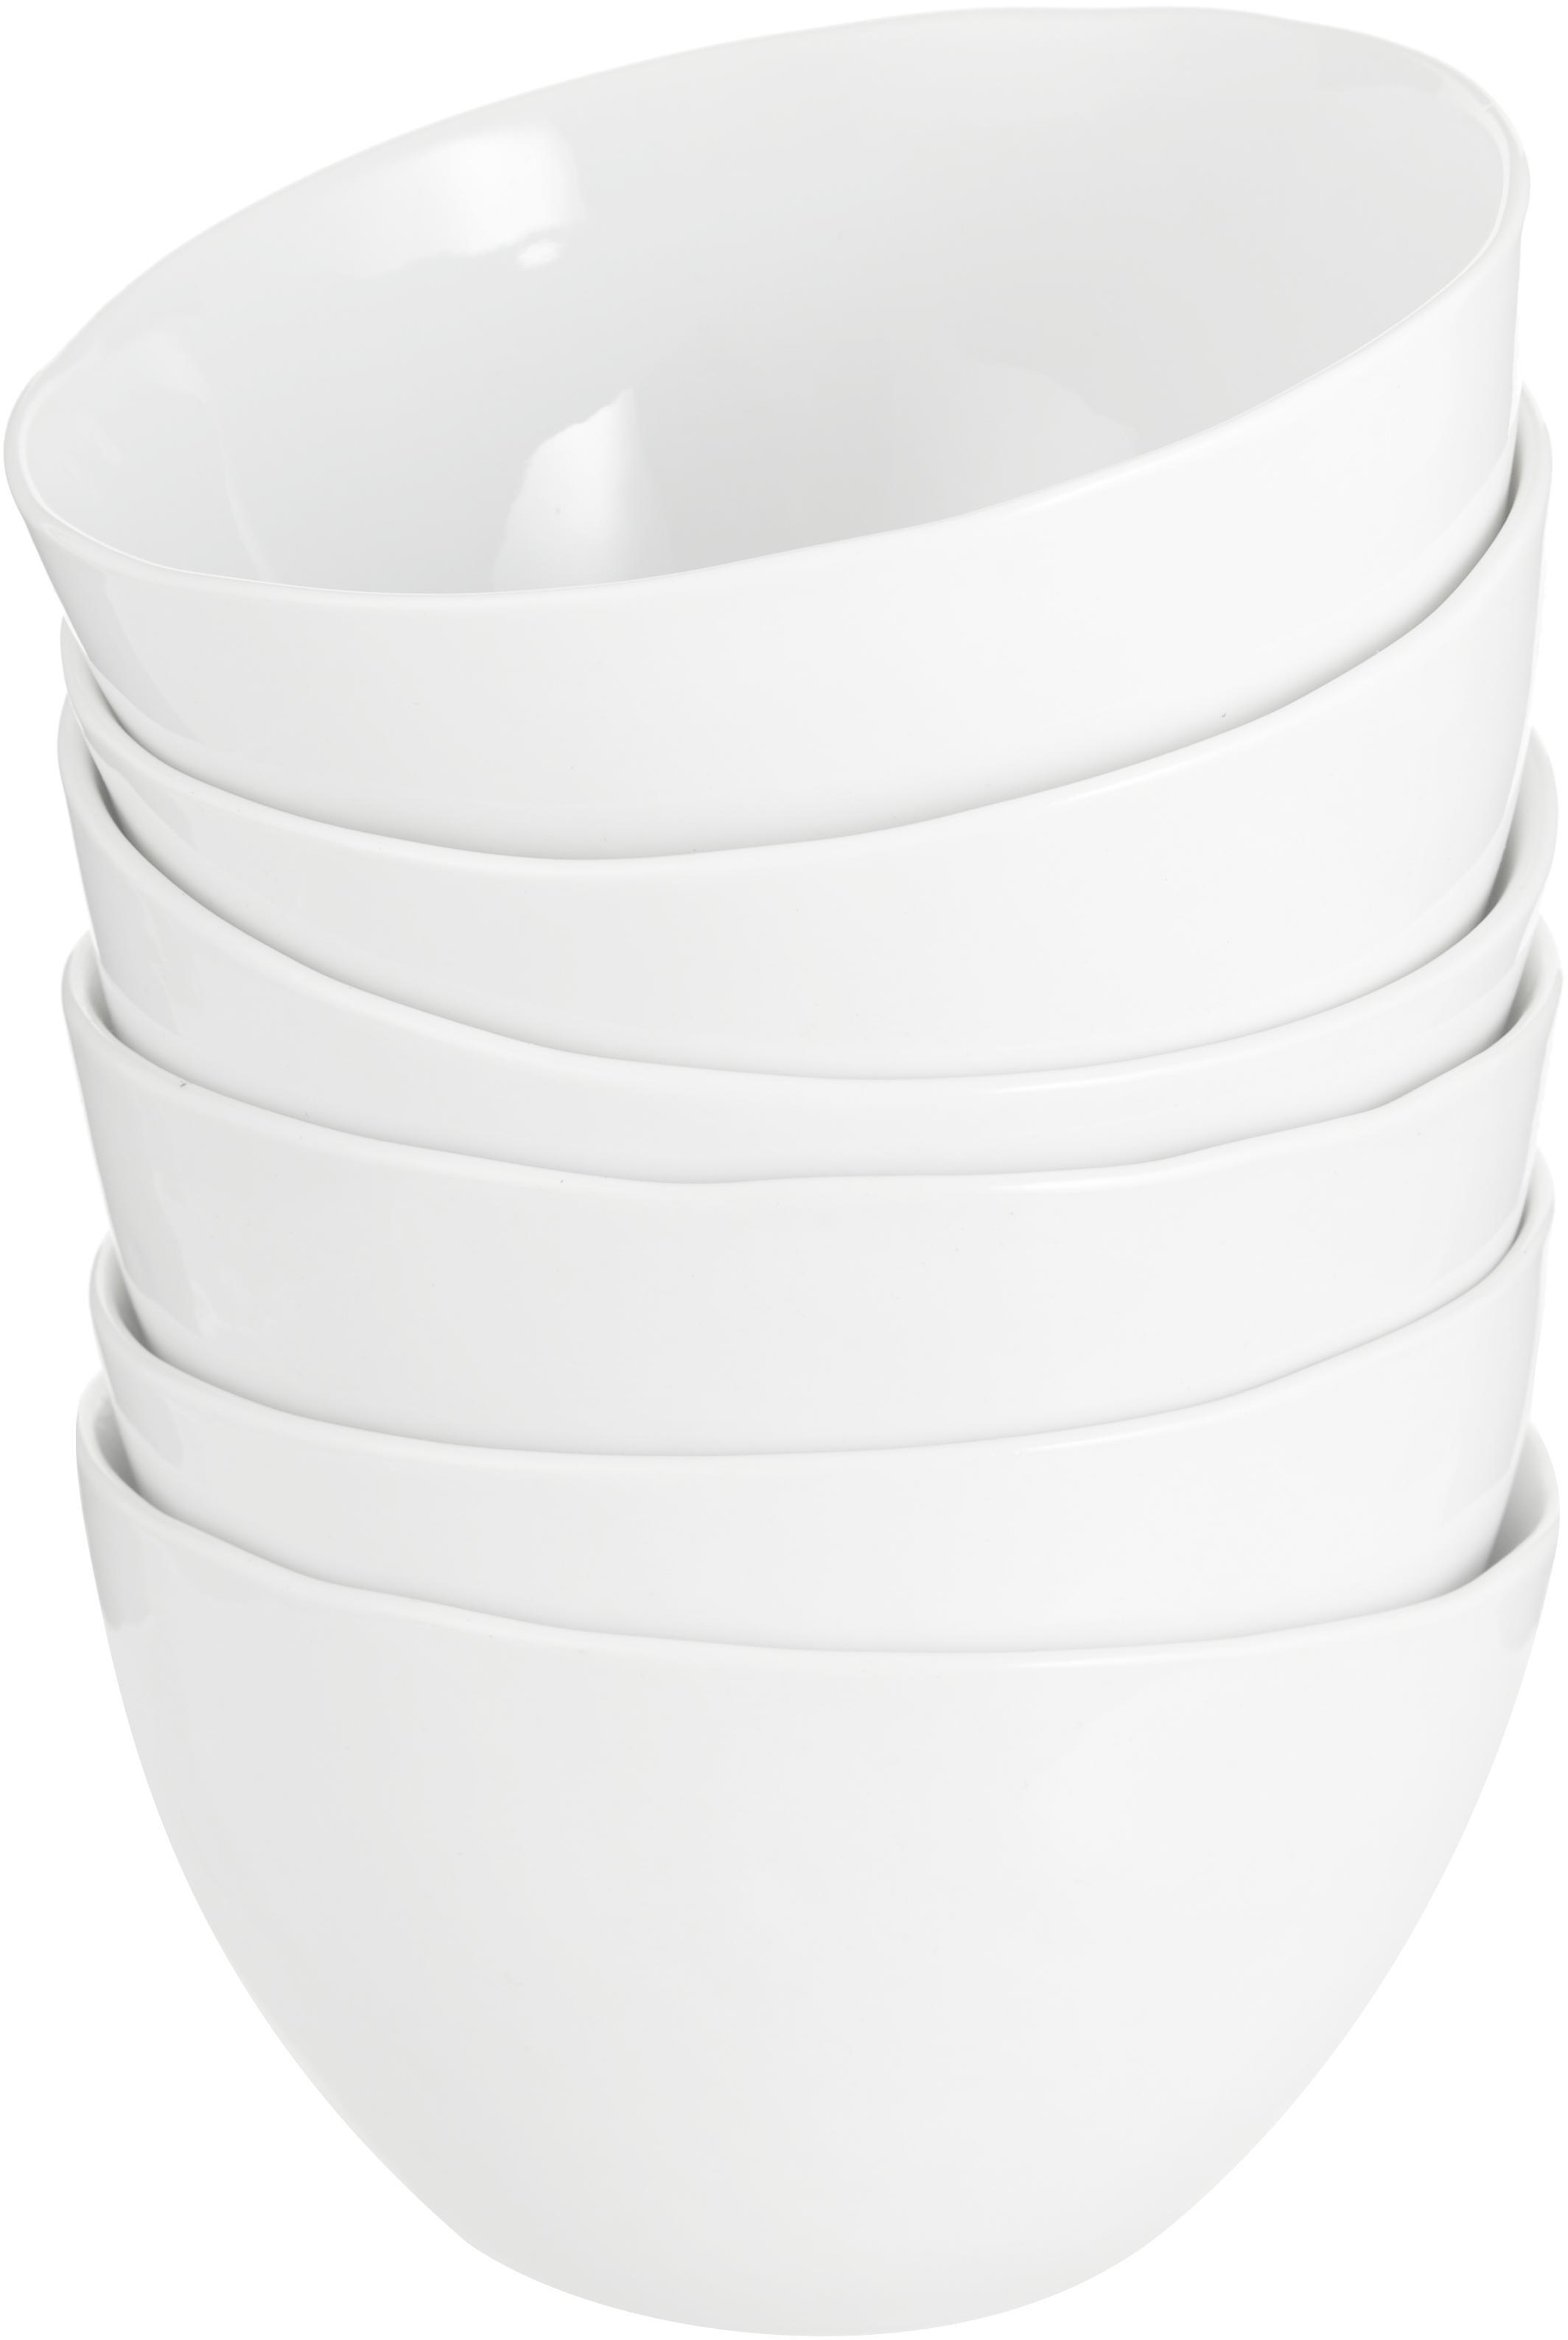 Schälchen Porcelino mit unebener Oberfläche, 6 Stück, Porzellan, gewollt ungleichmäßig, Weiß, Ø 15 x H 8 cm